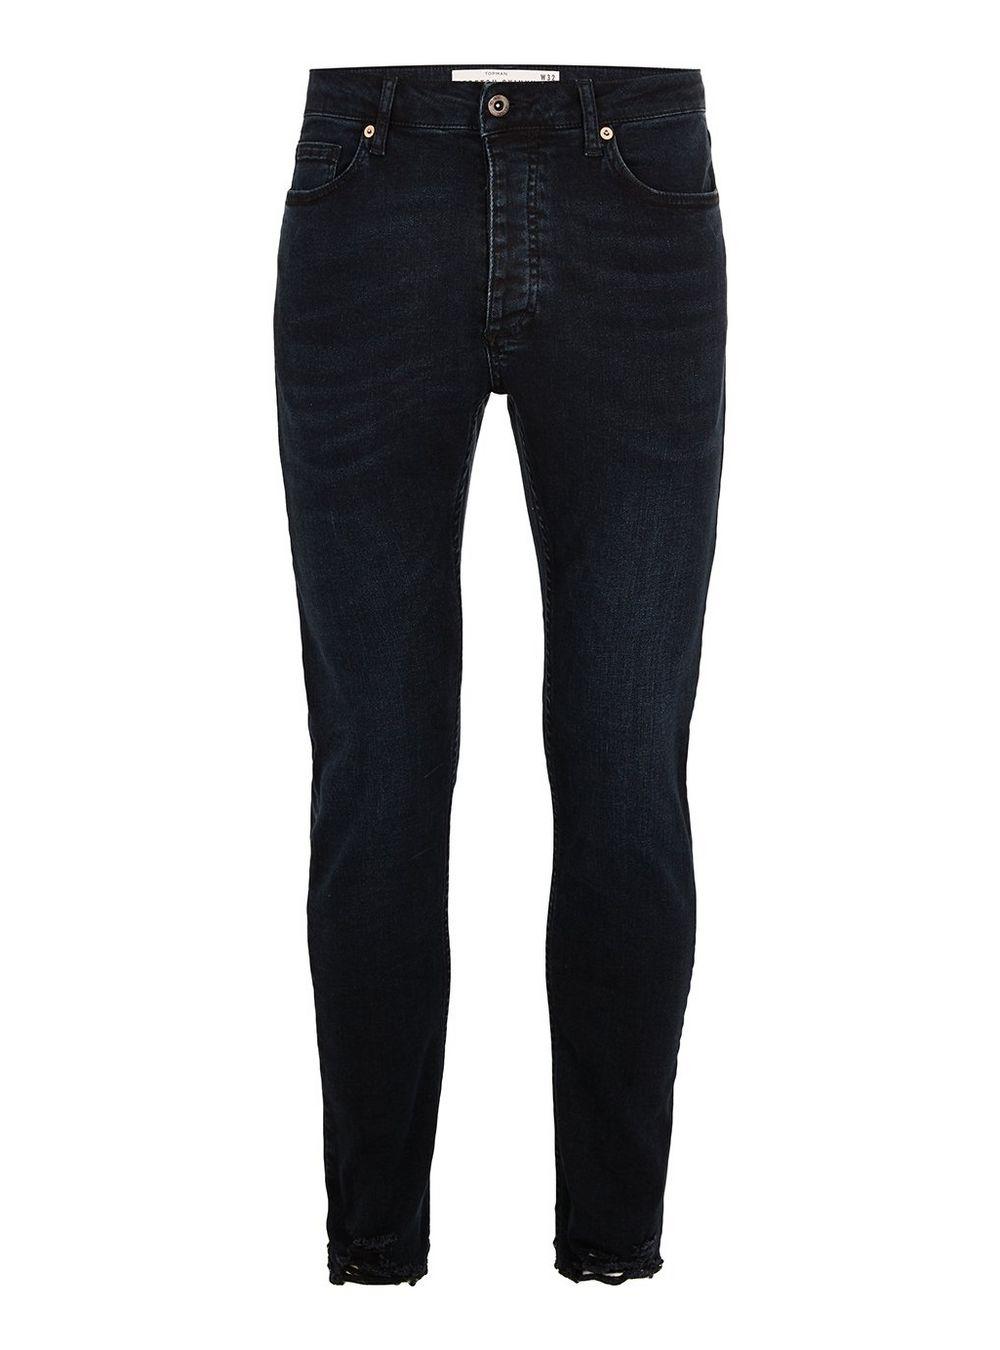 Washed Black Raw Hem Stretch Skinny Jeans